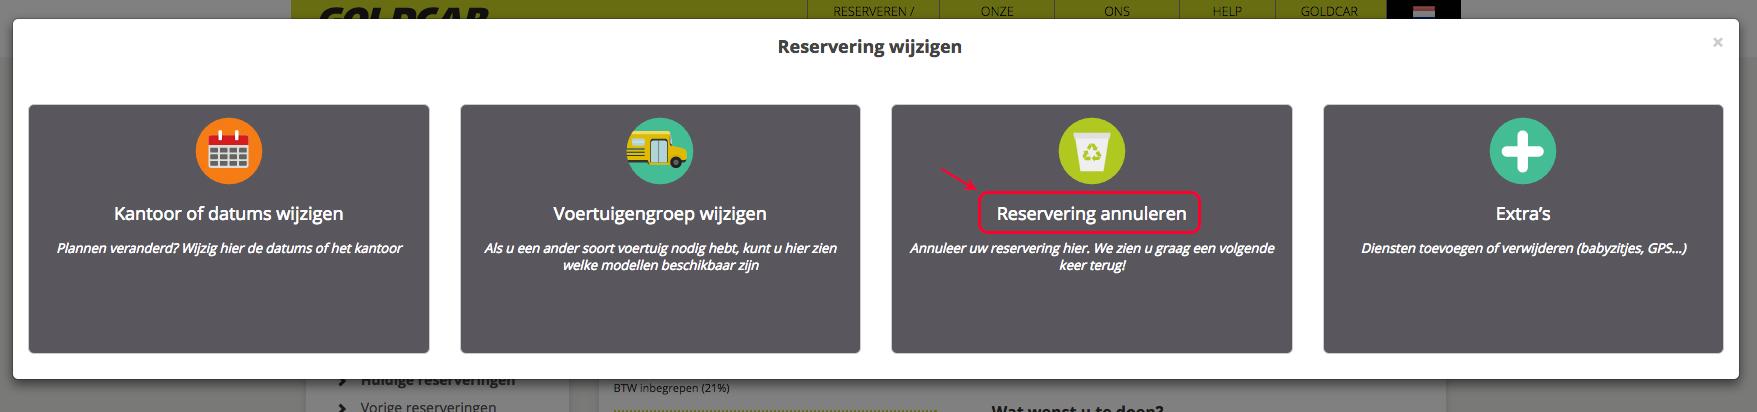 Een reservering annuleren   (4)